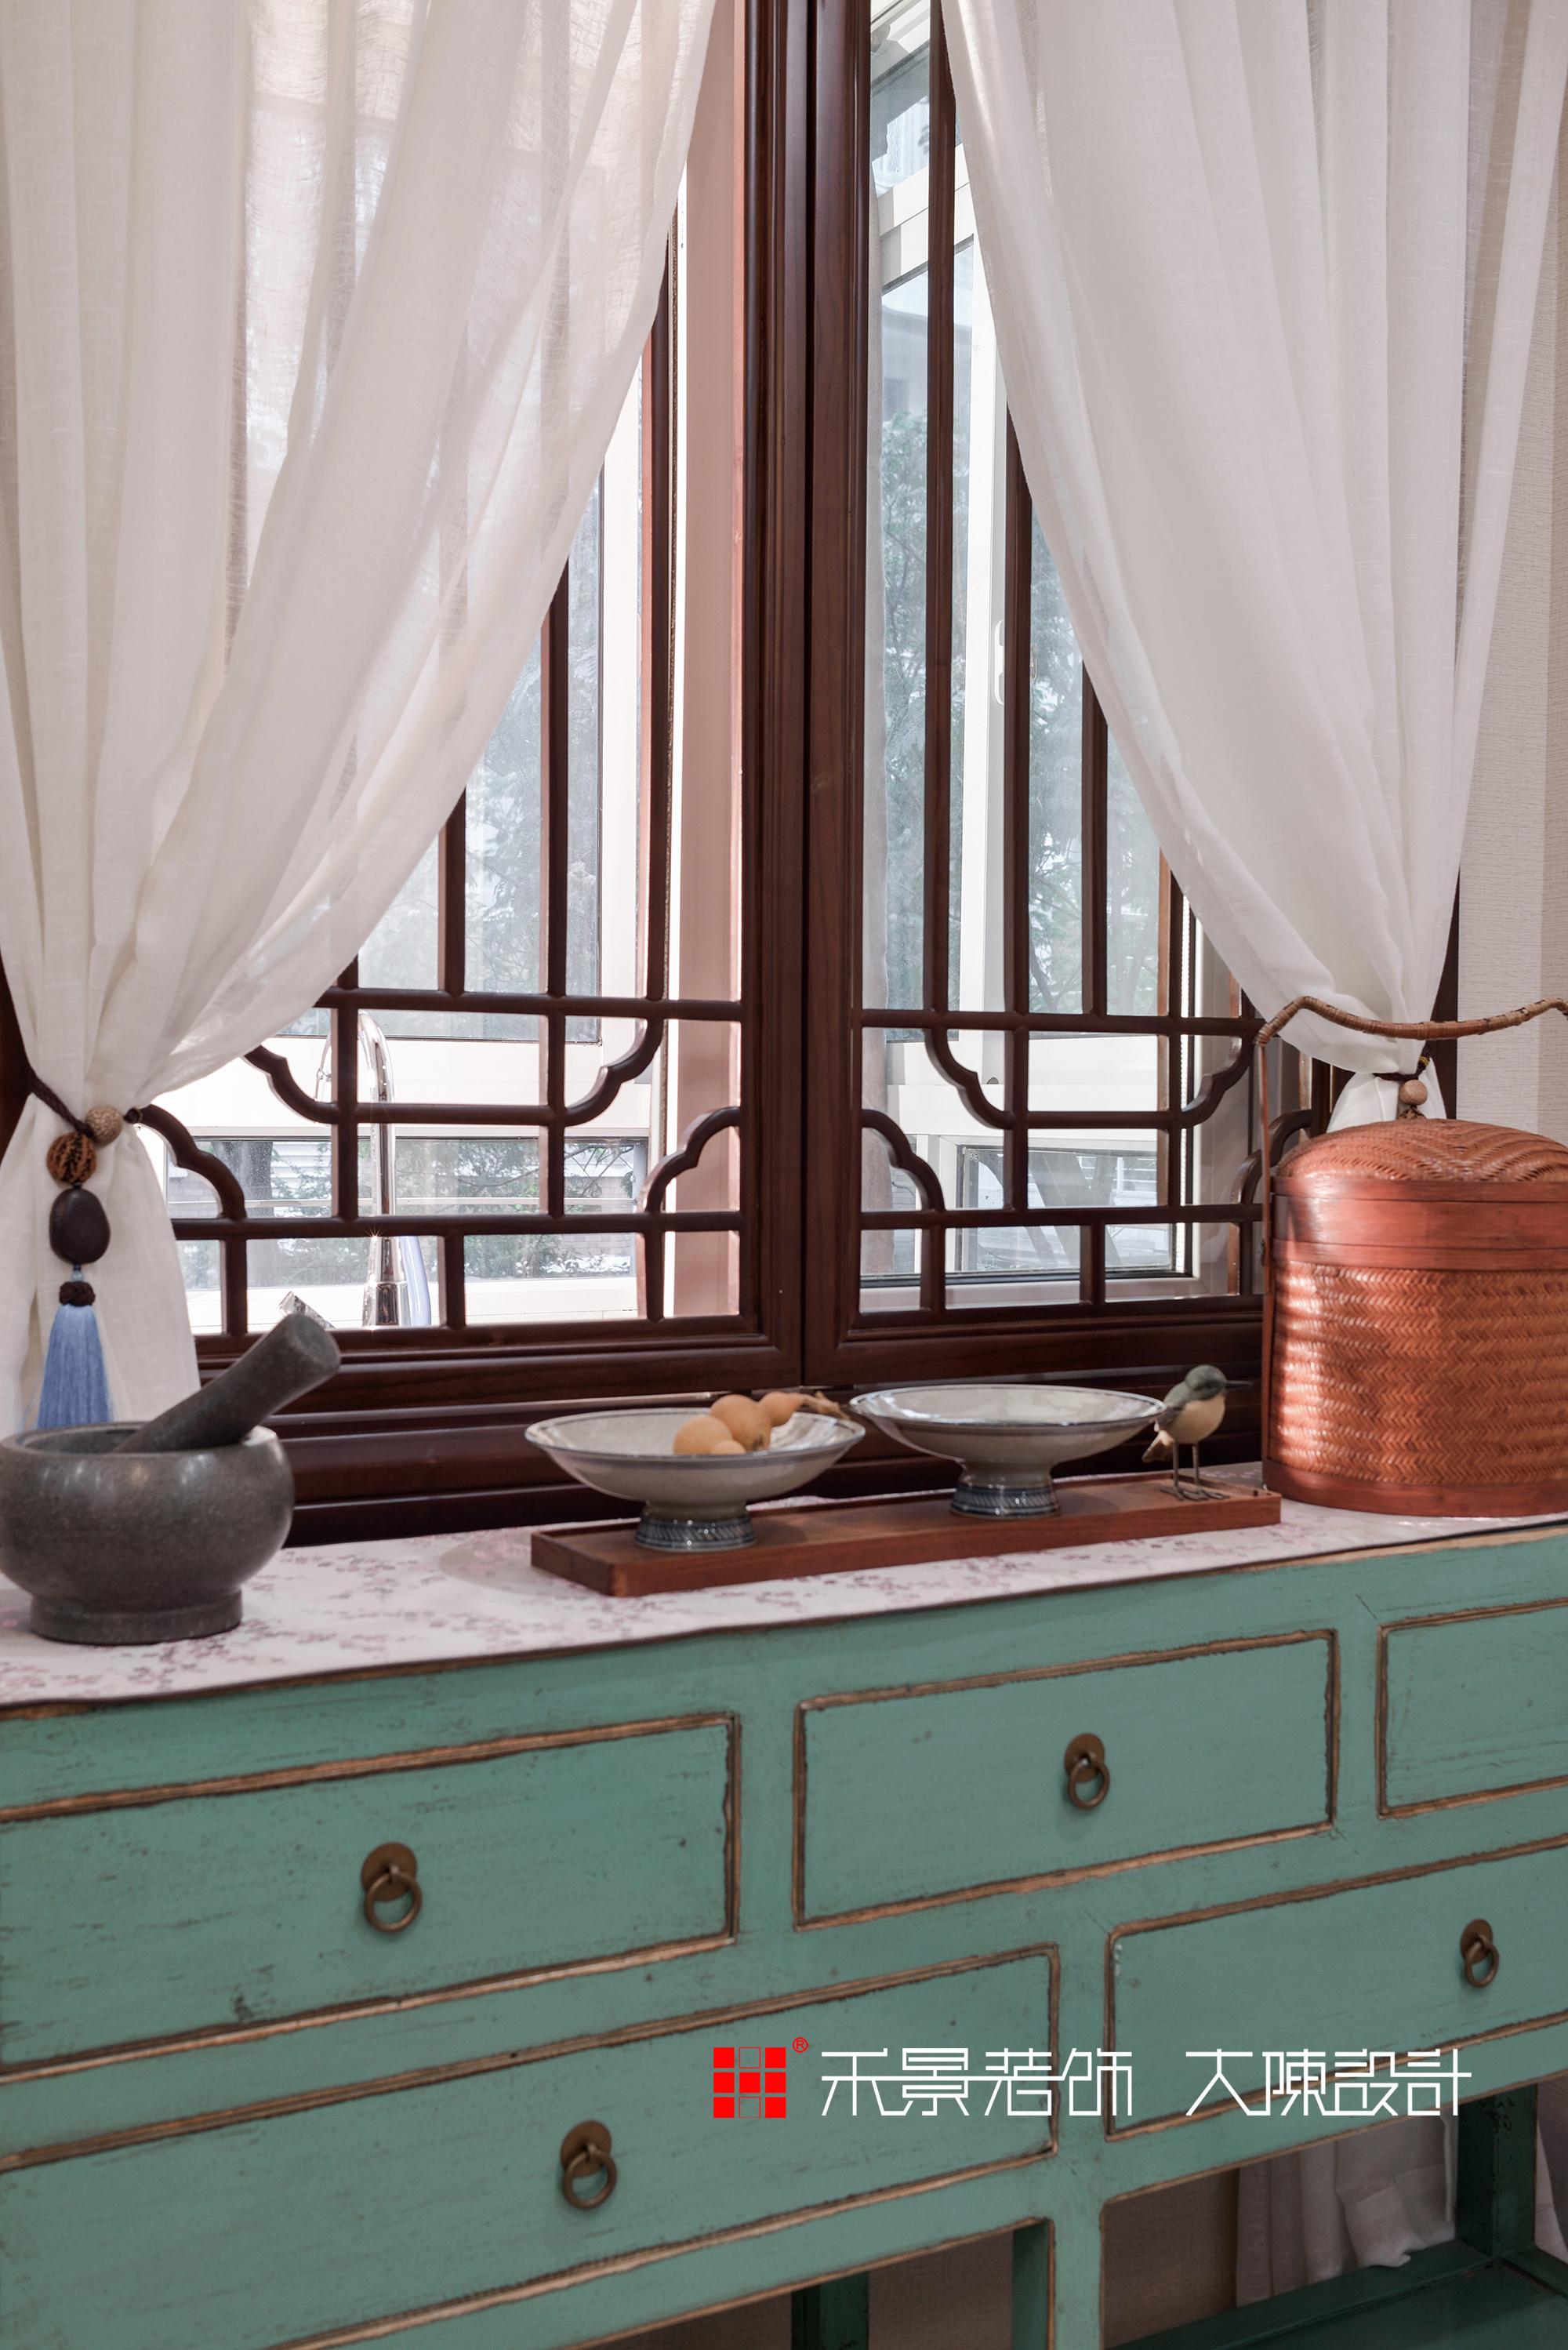 中式 餐厅图片来自禾景大陈设计在空谷幽兰亦芬芳的分享